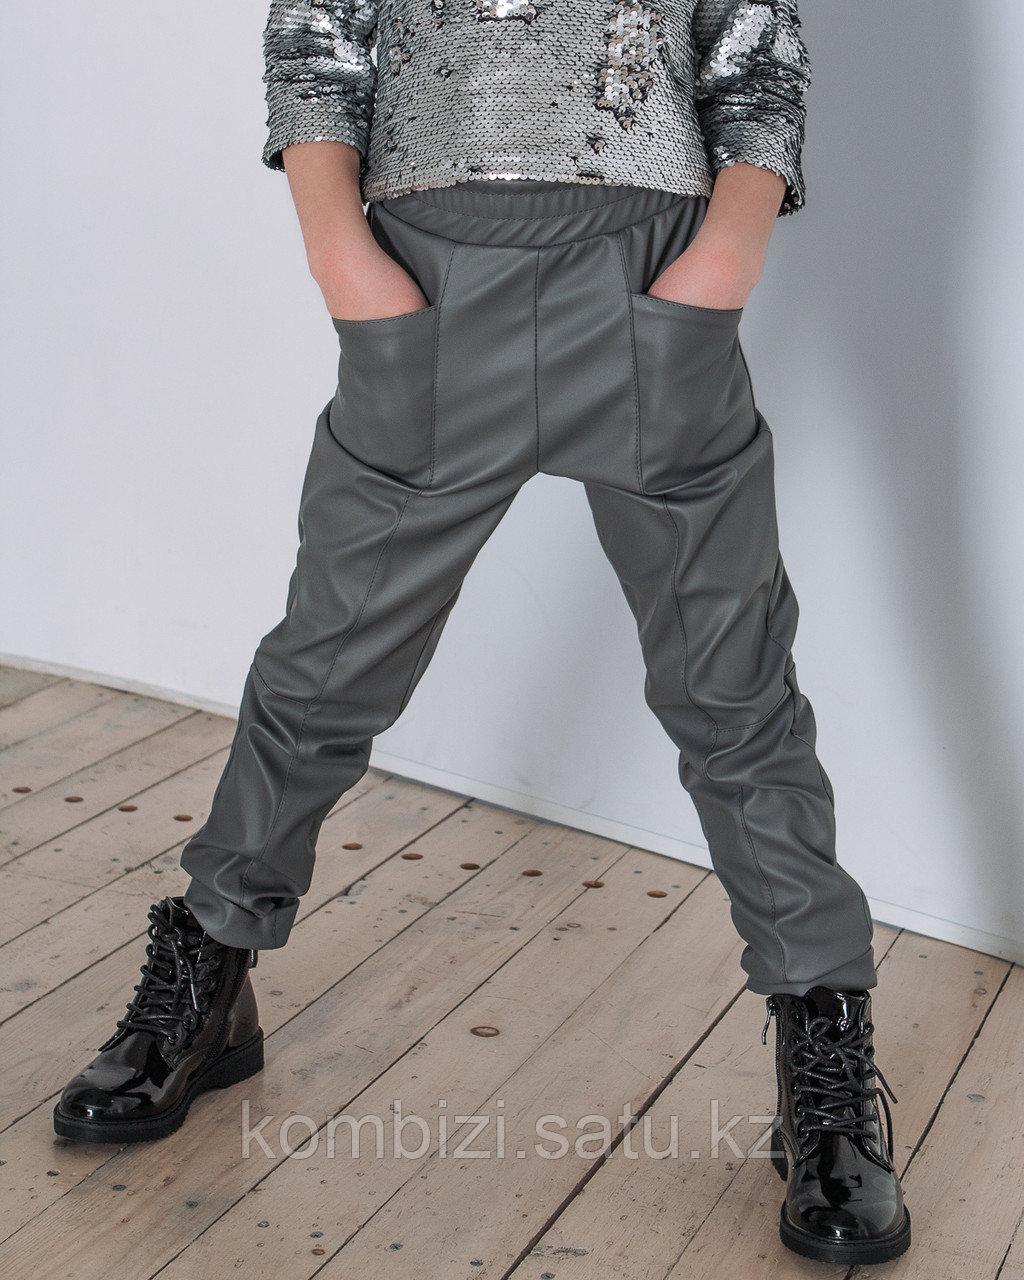 Штаны из экокожи FOR KIDS, серые - фото 1